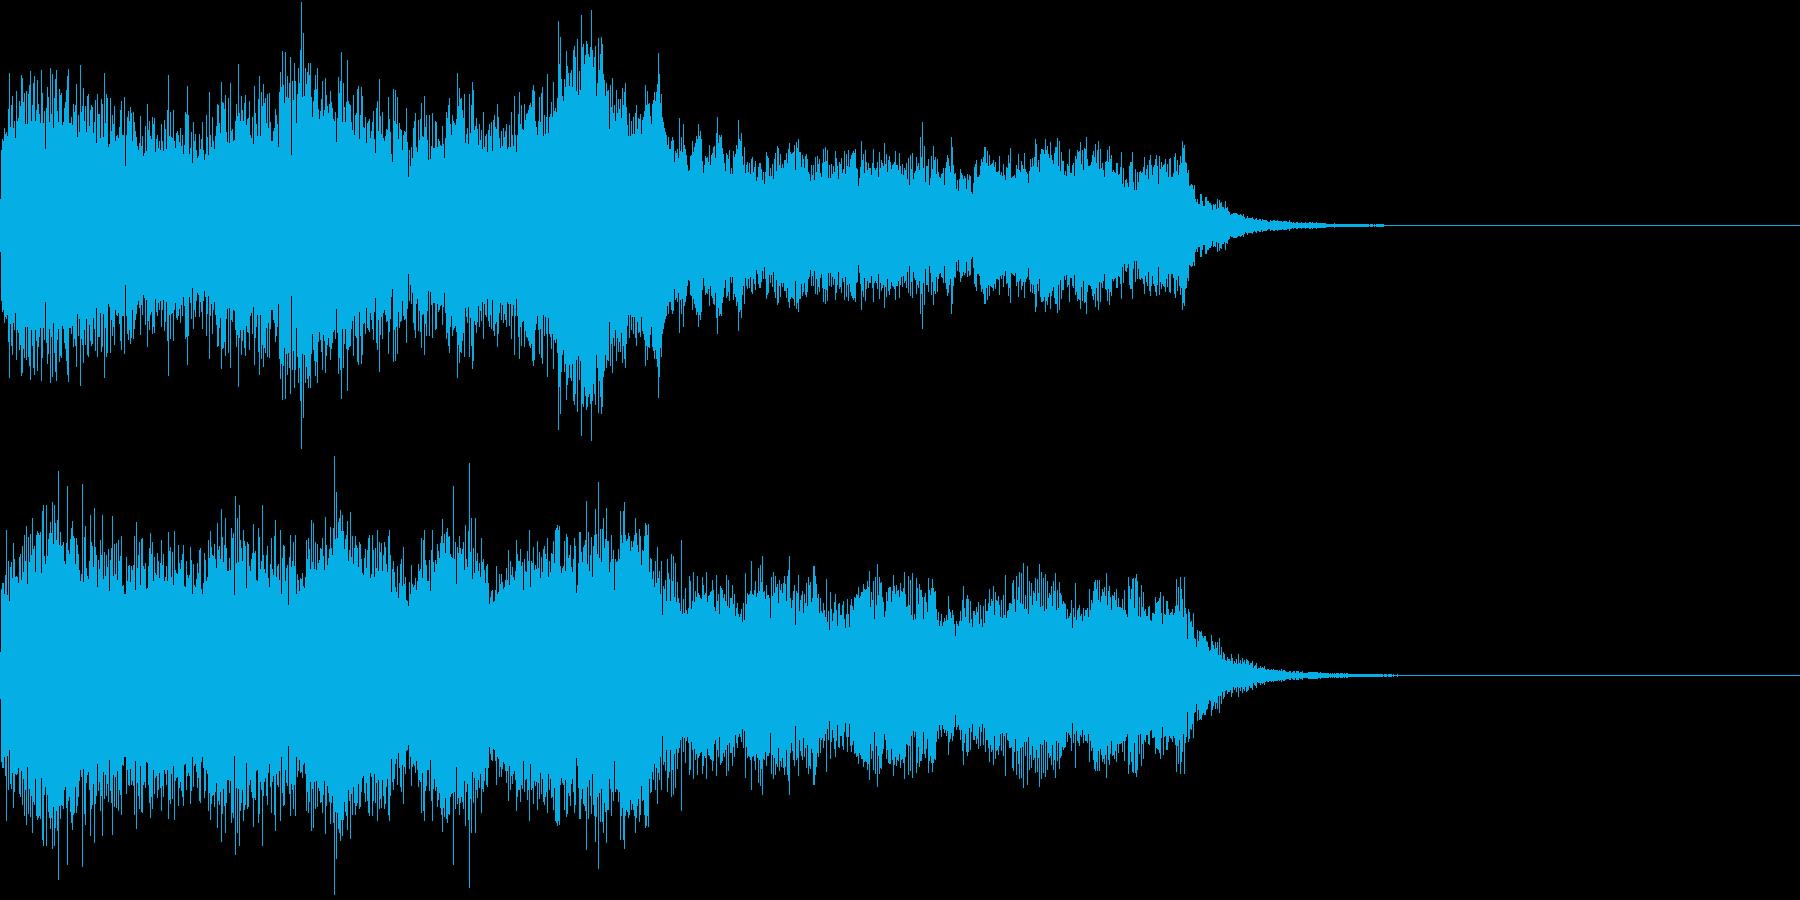 堂々としたオーケストラのジングルの再生済みの波形